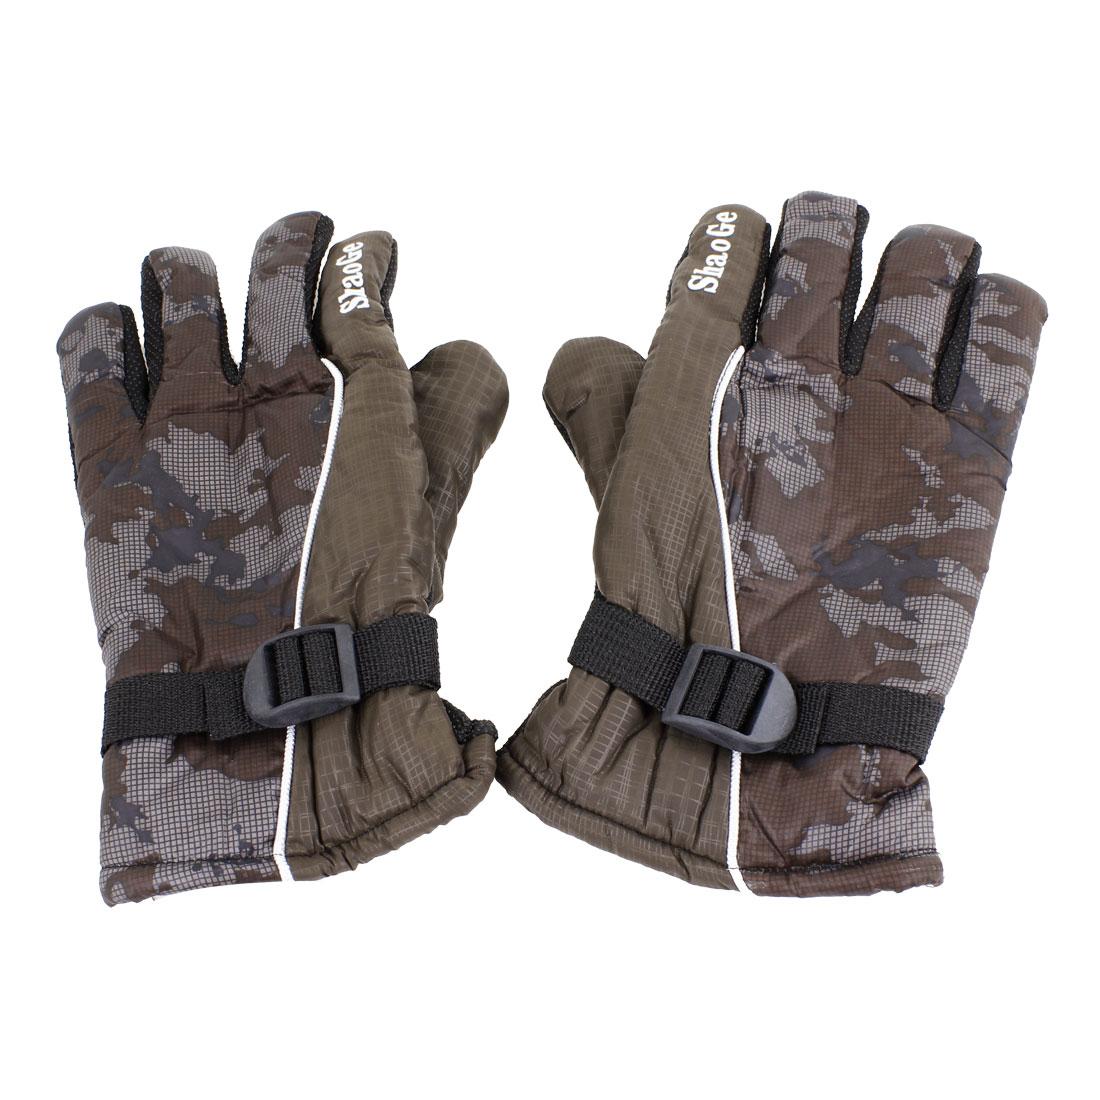 Pair Fleece Lining Camouflage Print Full Finger Winter Gloves Dark Gray for Men